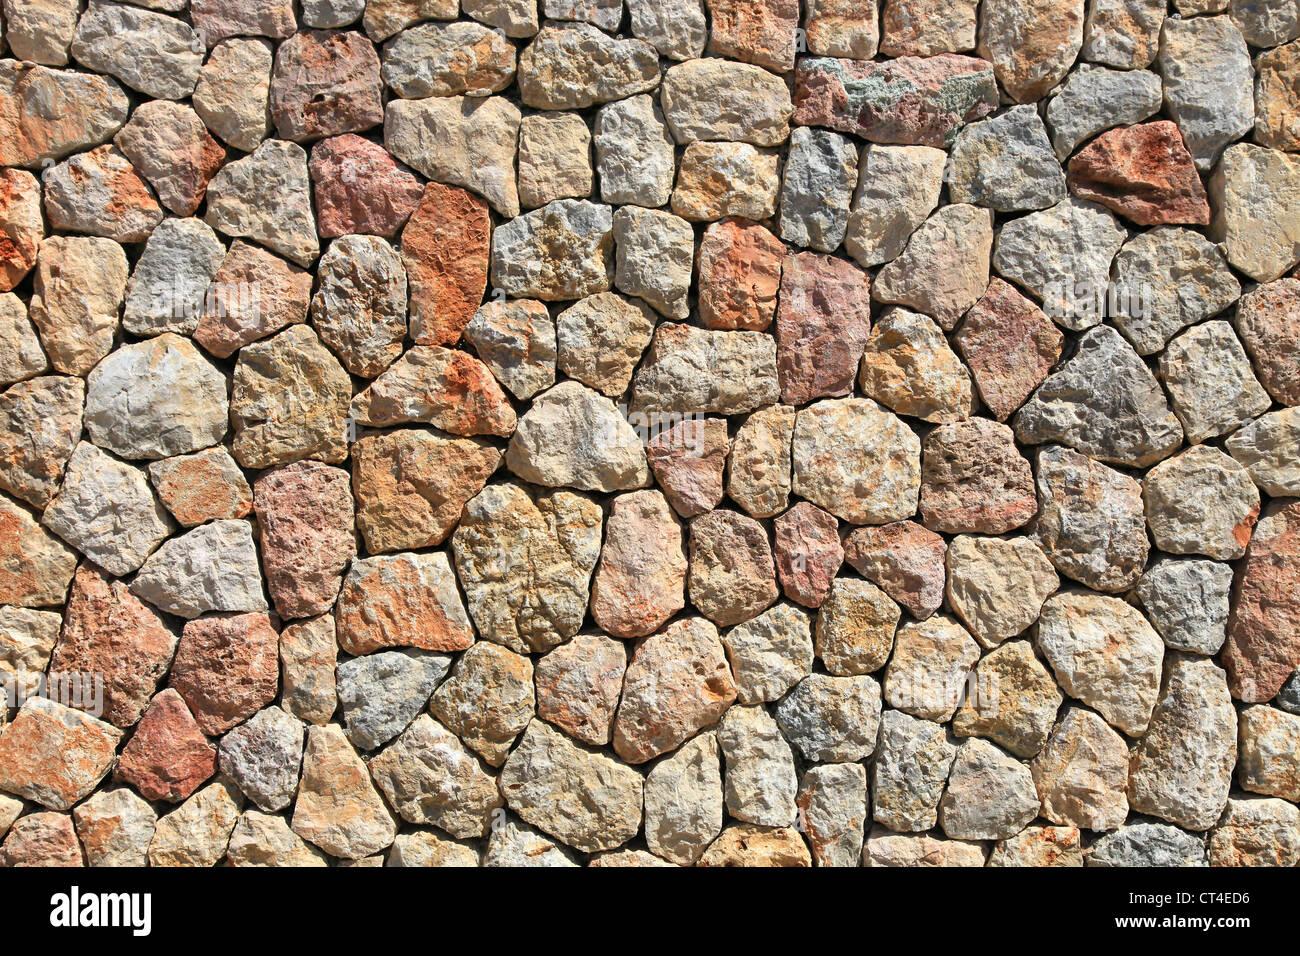 Abstraktes Bild einer hell erleuchteten Steinmauer, diese Bilder sind perfekt für große Texturen und Hintergründen Stockbild